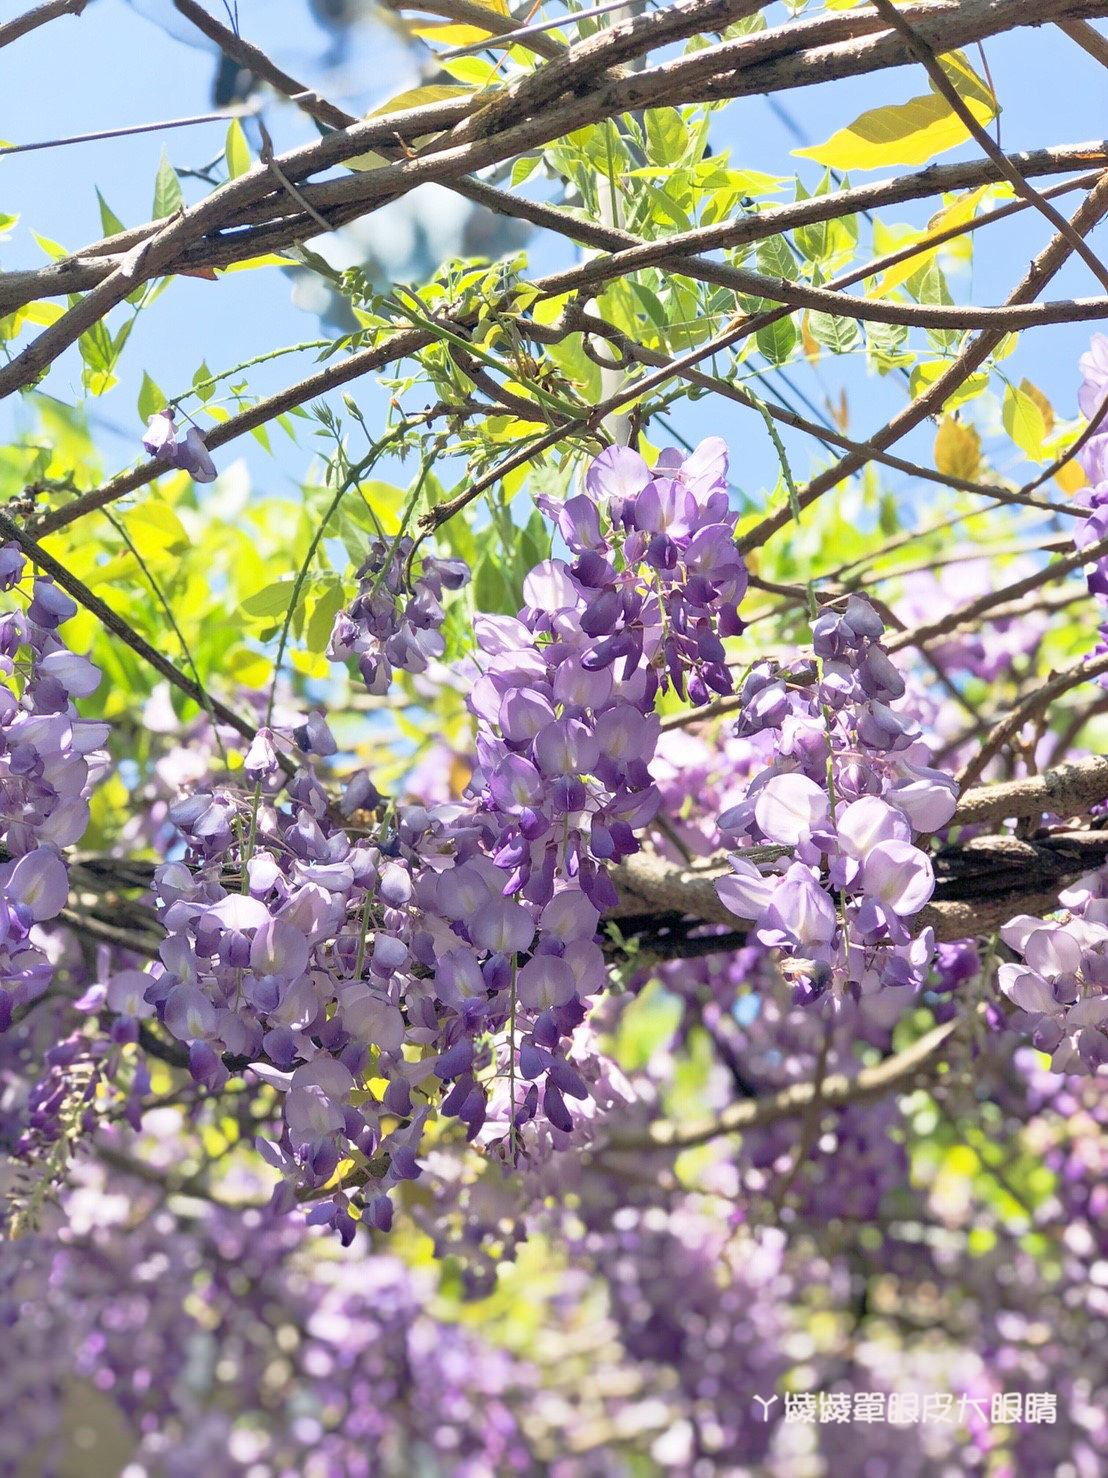 新竹旅遊景點!紫藤花盛開,新埔紫藤居限時開放,免費參觀夢幻紫色花瀑